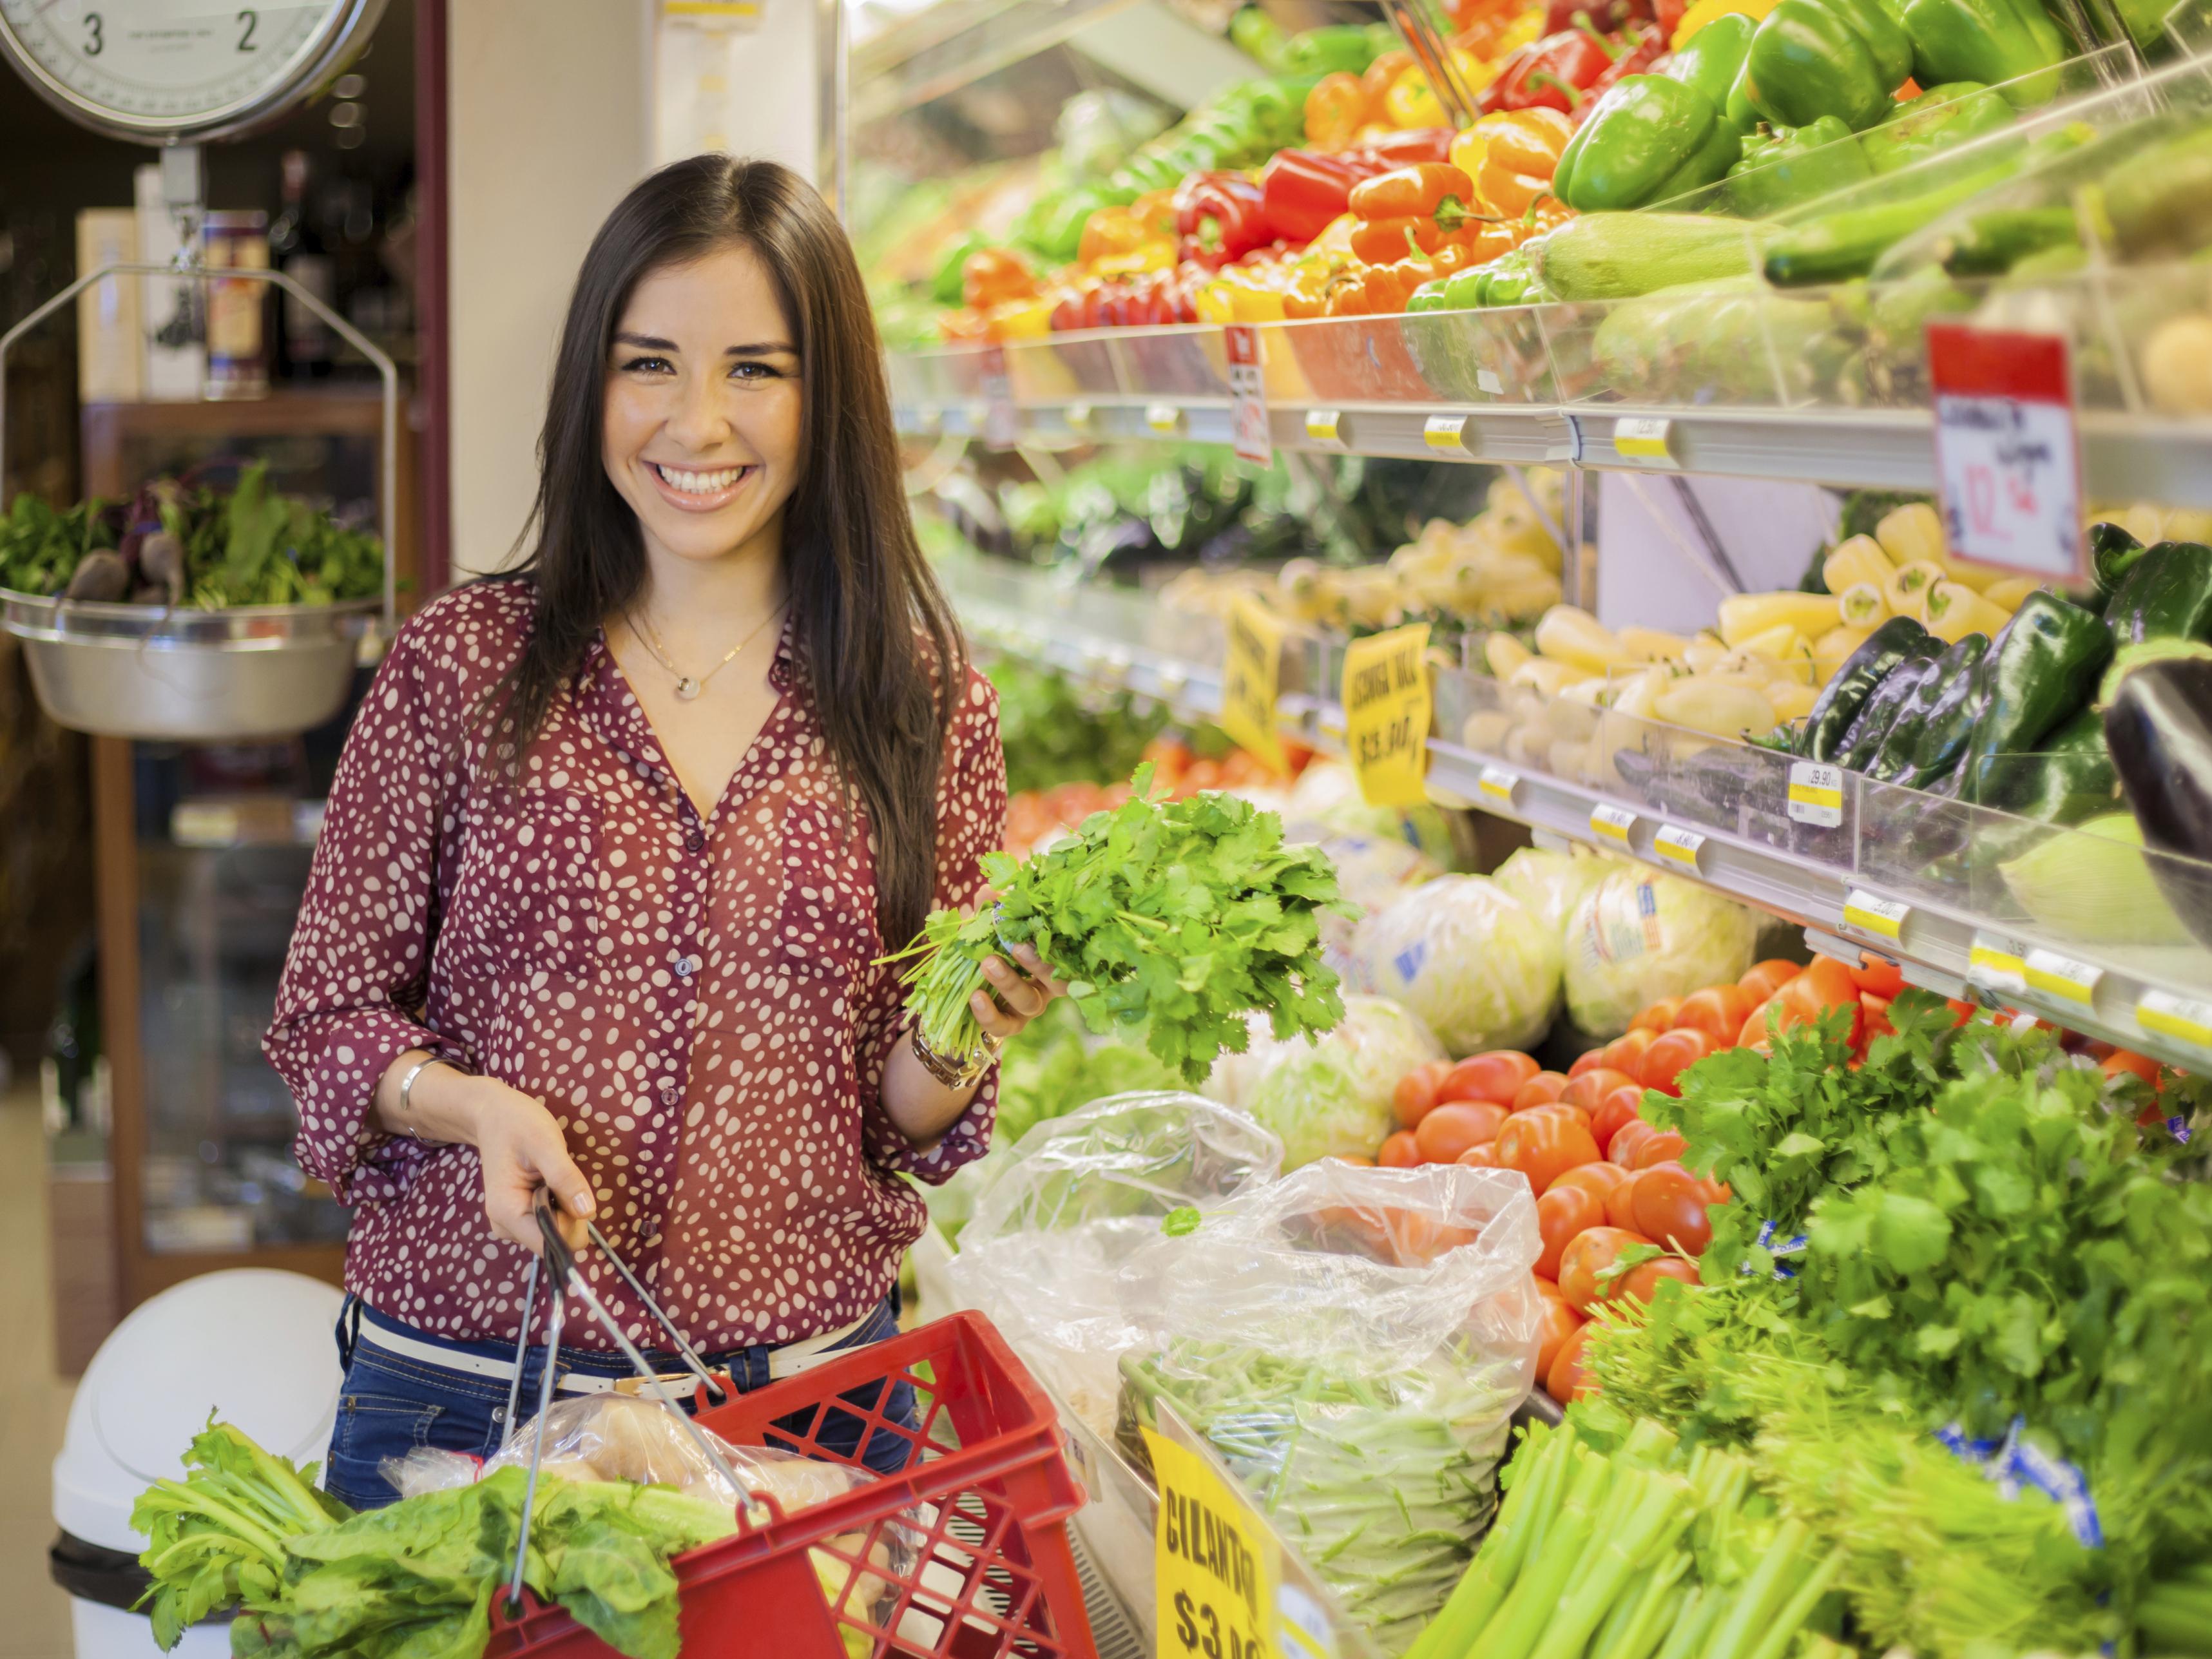 The waist-shrinking food hiding in the produce aisle